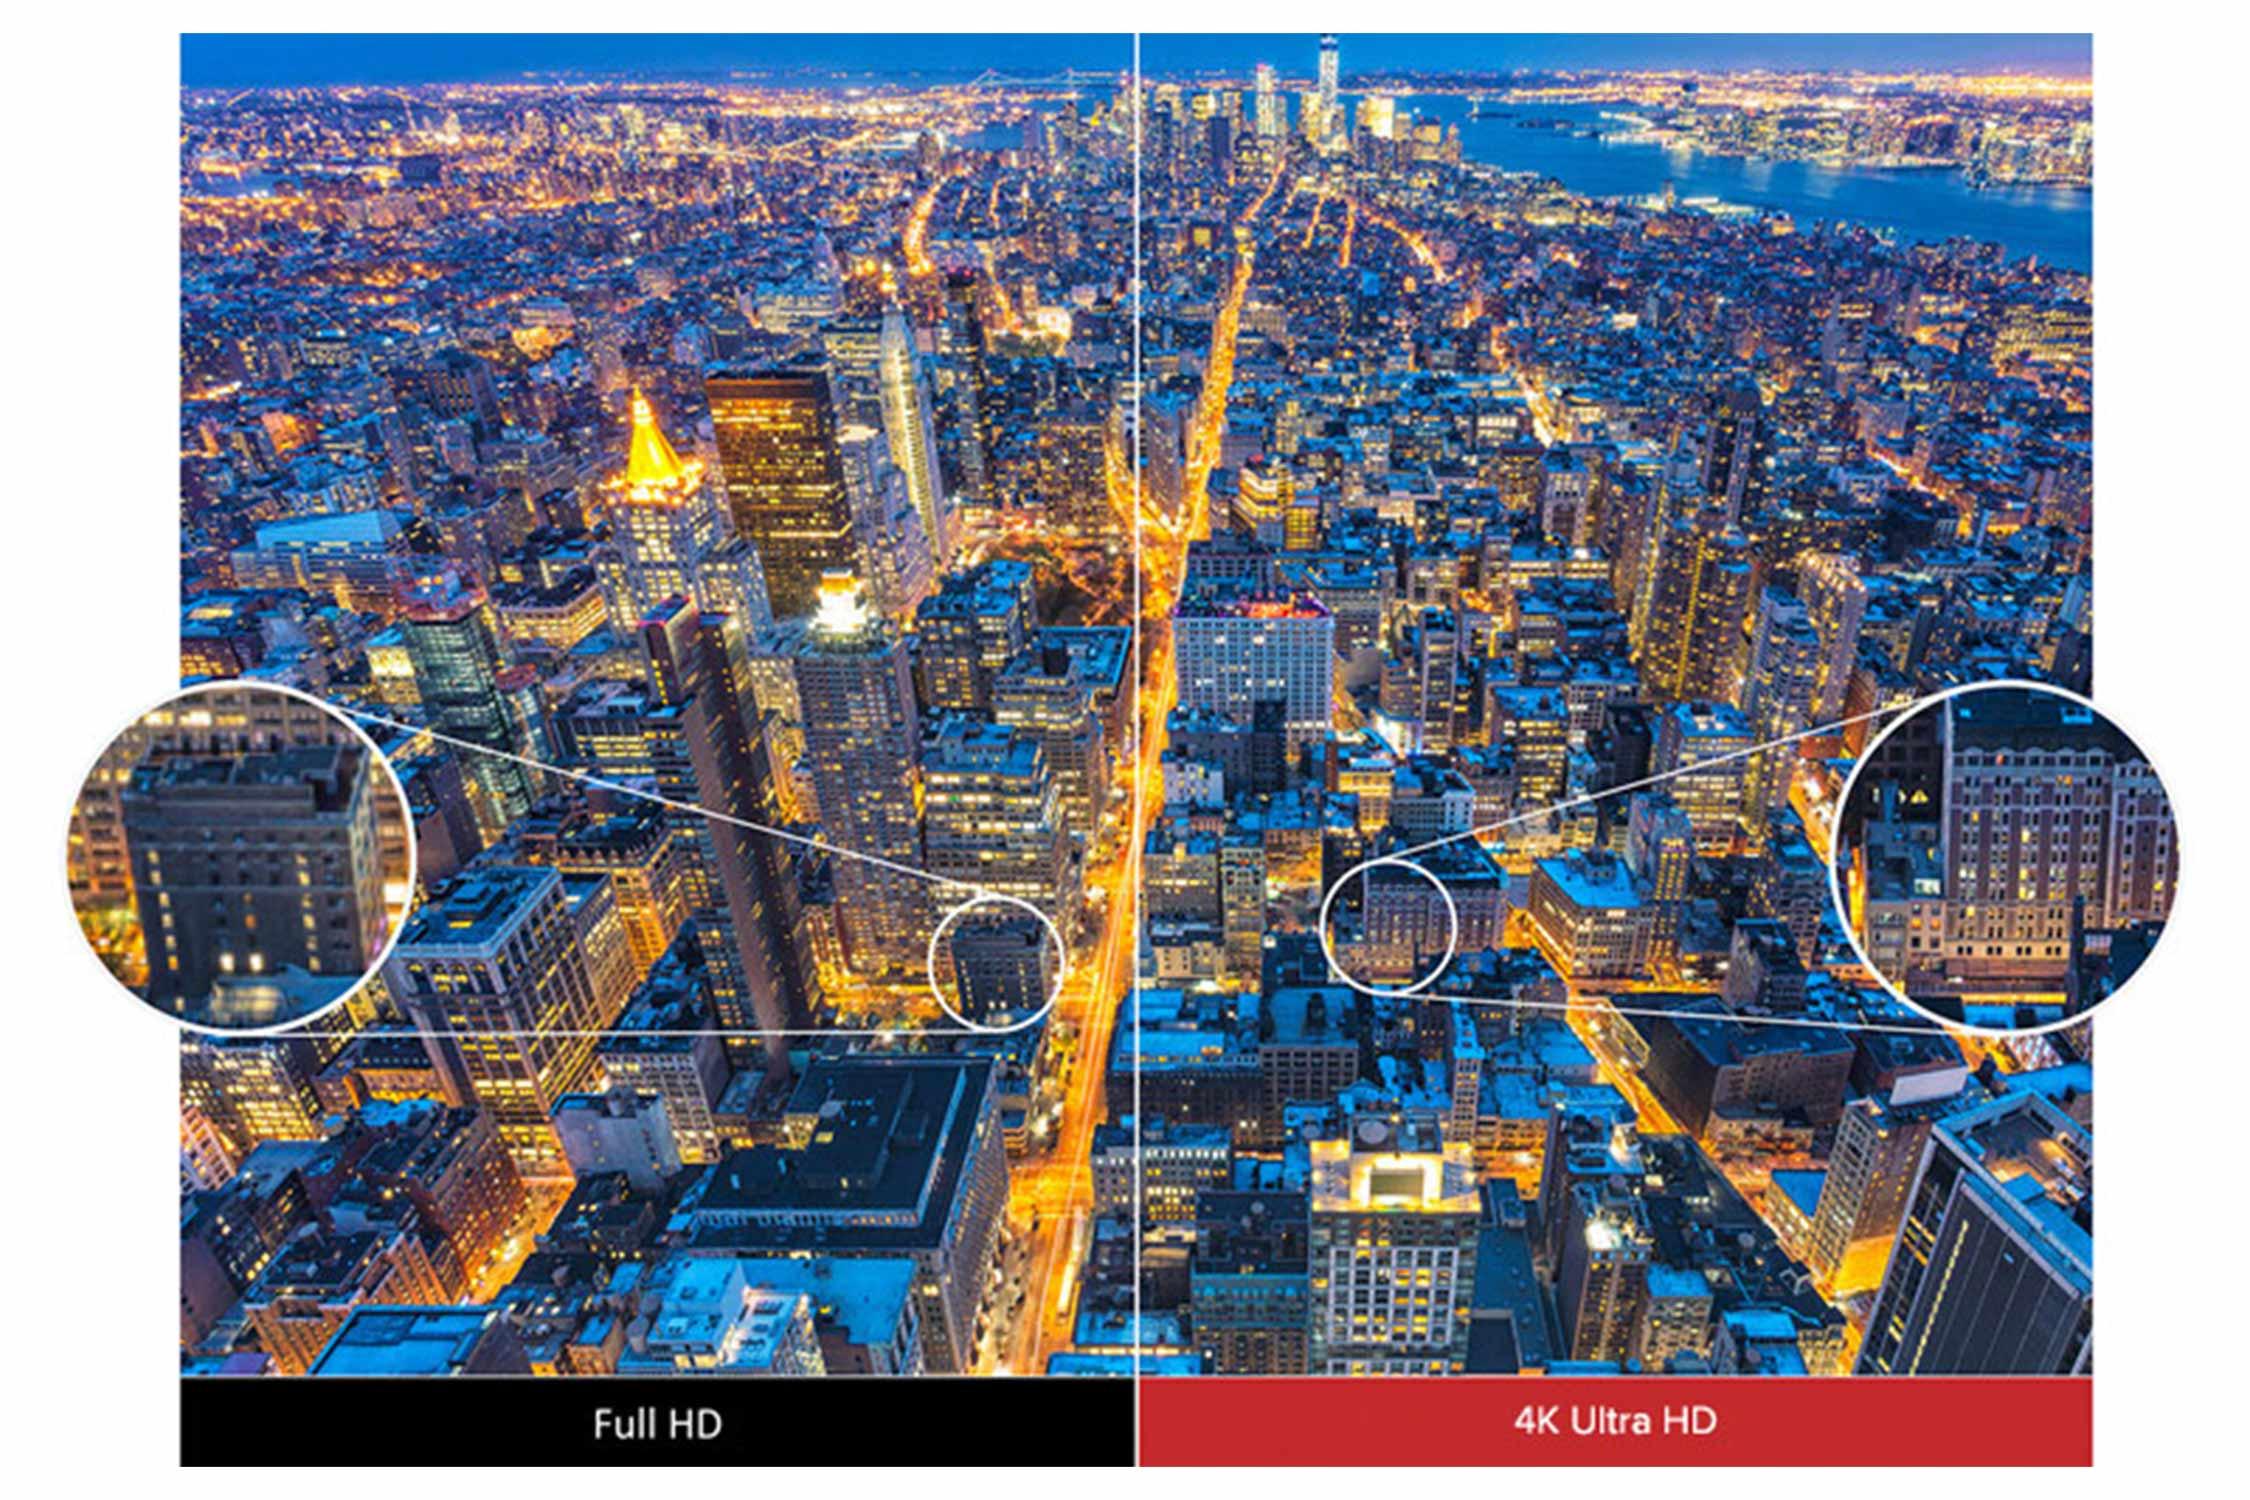 4K Ultra HD 高画質 イメージ